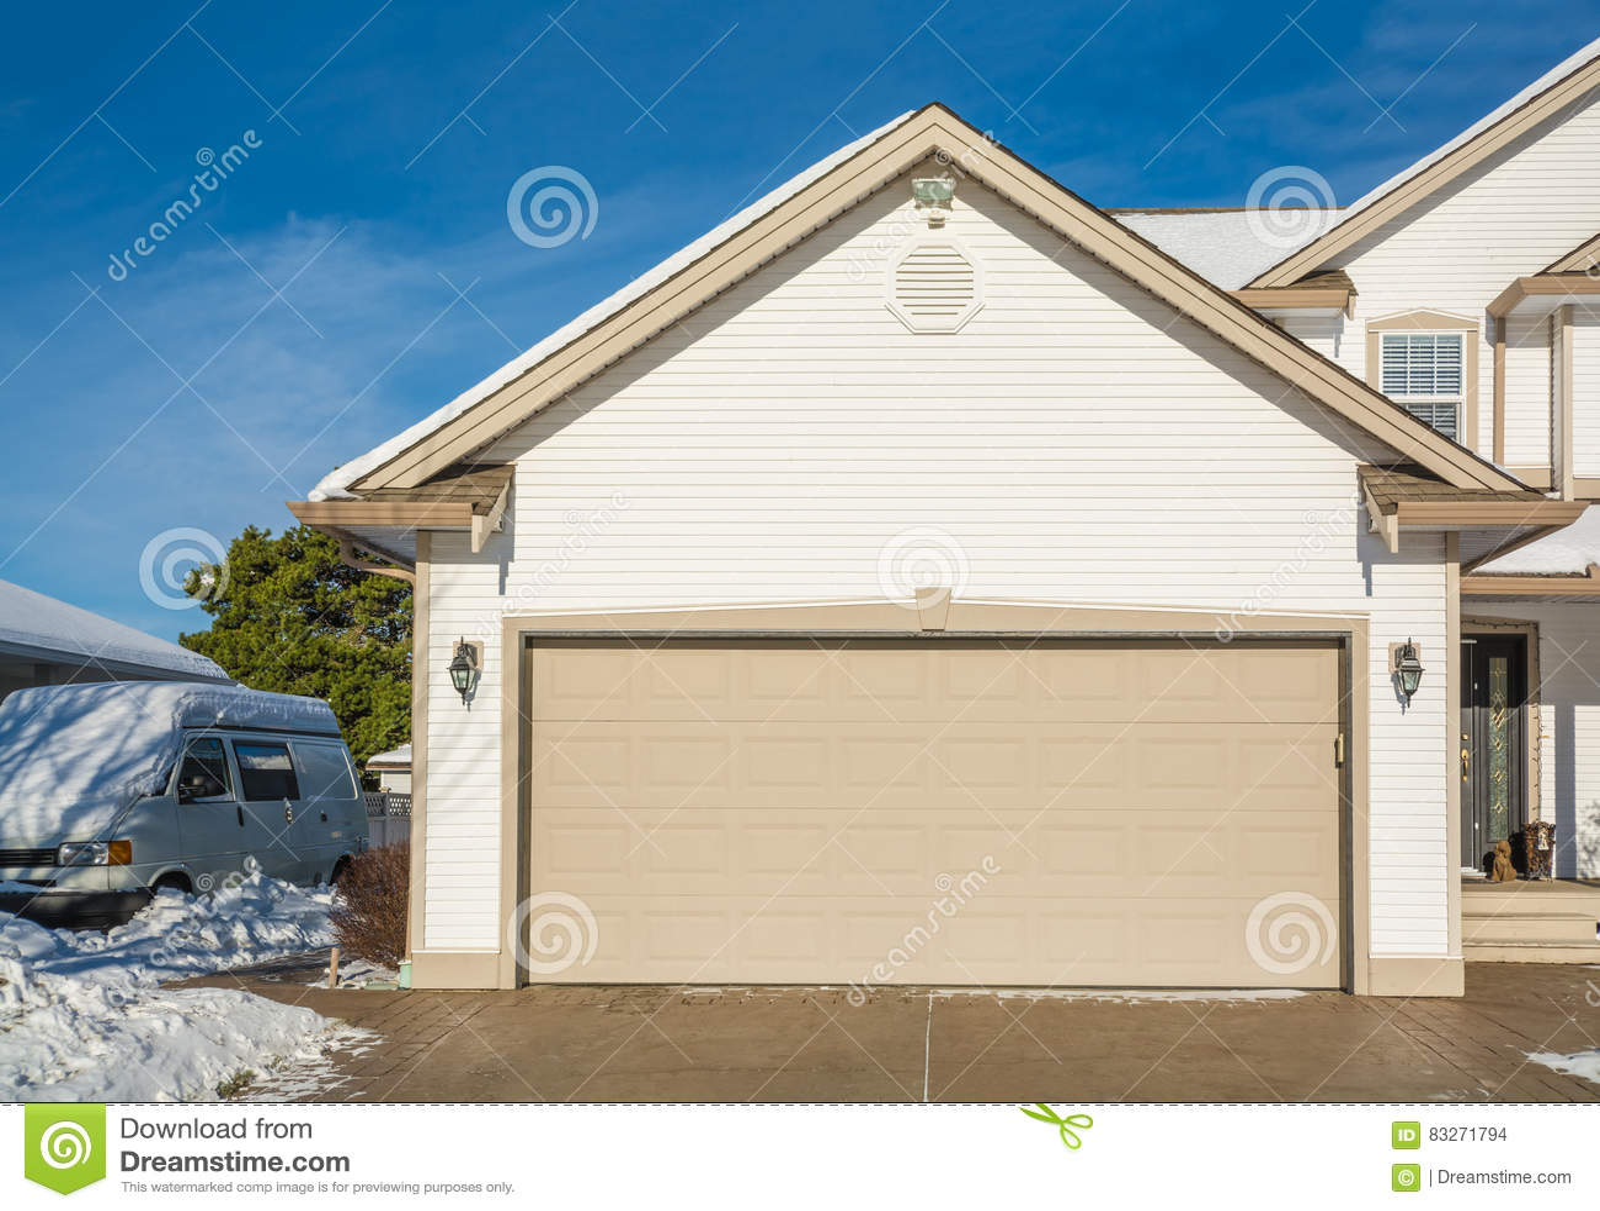 Szeroki garażu drzwi luksusu dom z betonowym podjazdem i RV furgonem parkował w pobliżu